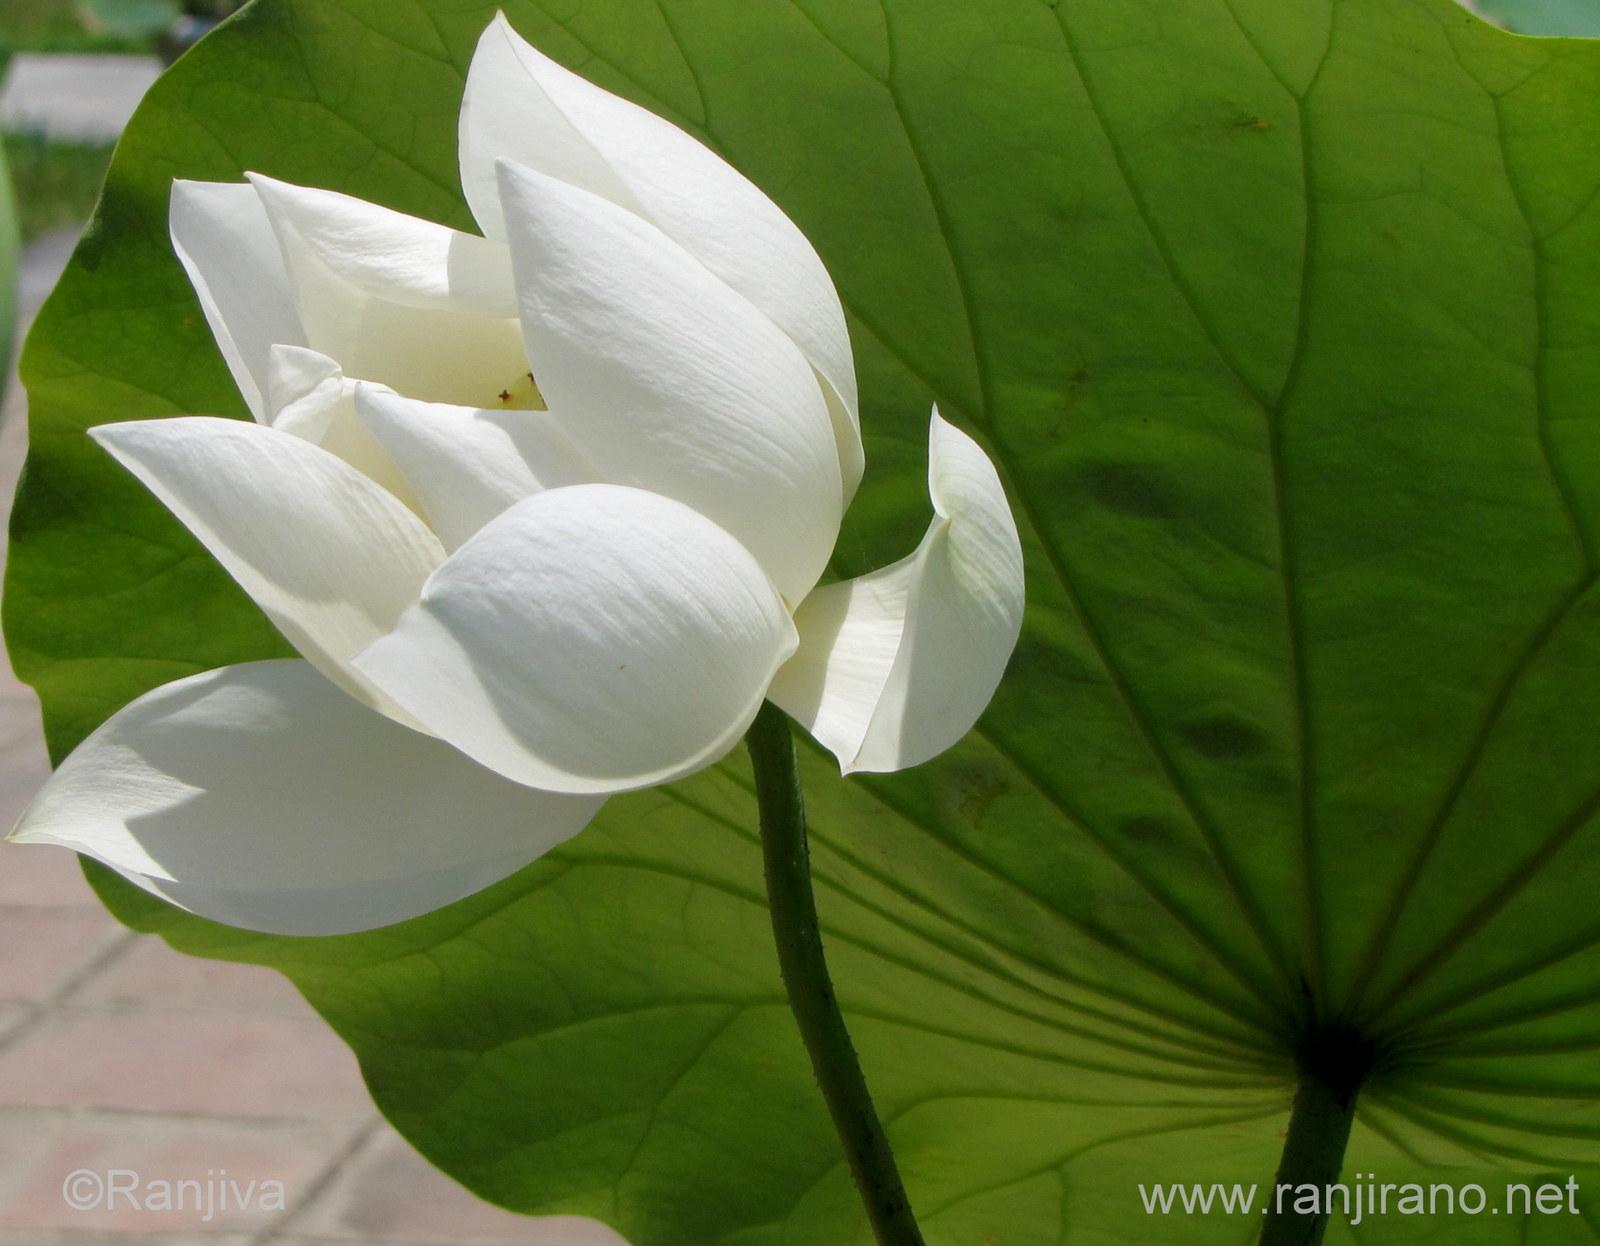 Le lotus une fleur enchanteresse paysages et fleurs au fil de l 39 eau - La fleur de lotus ...